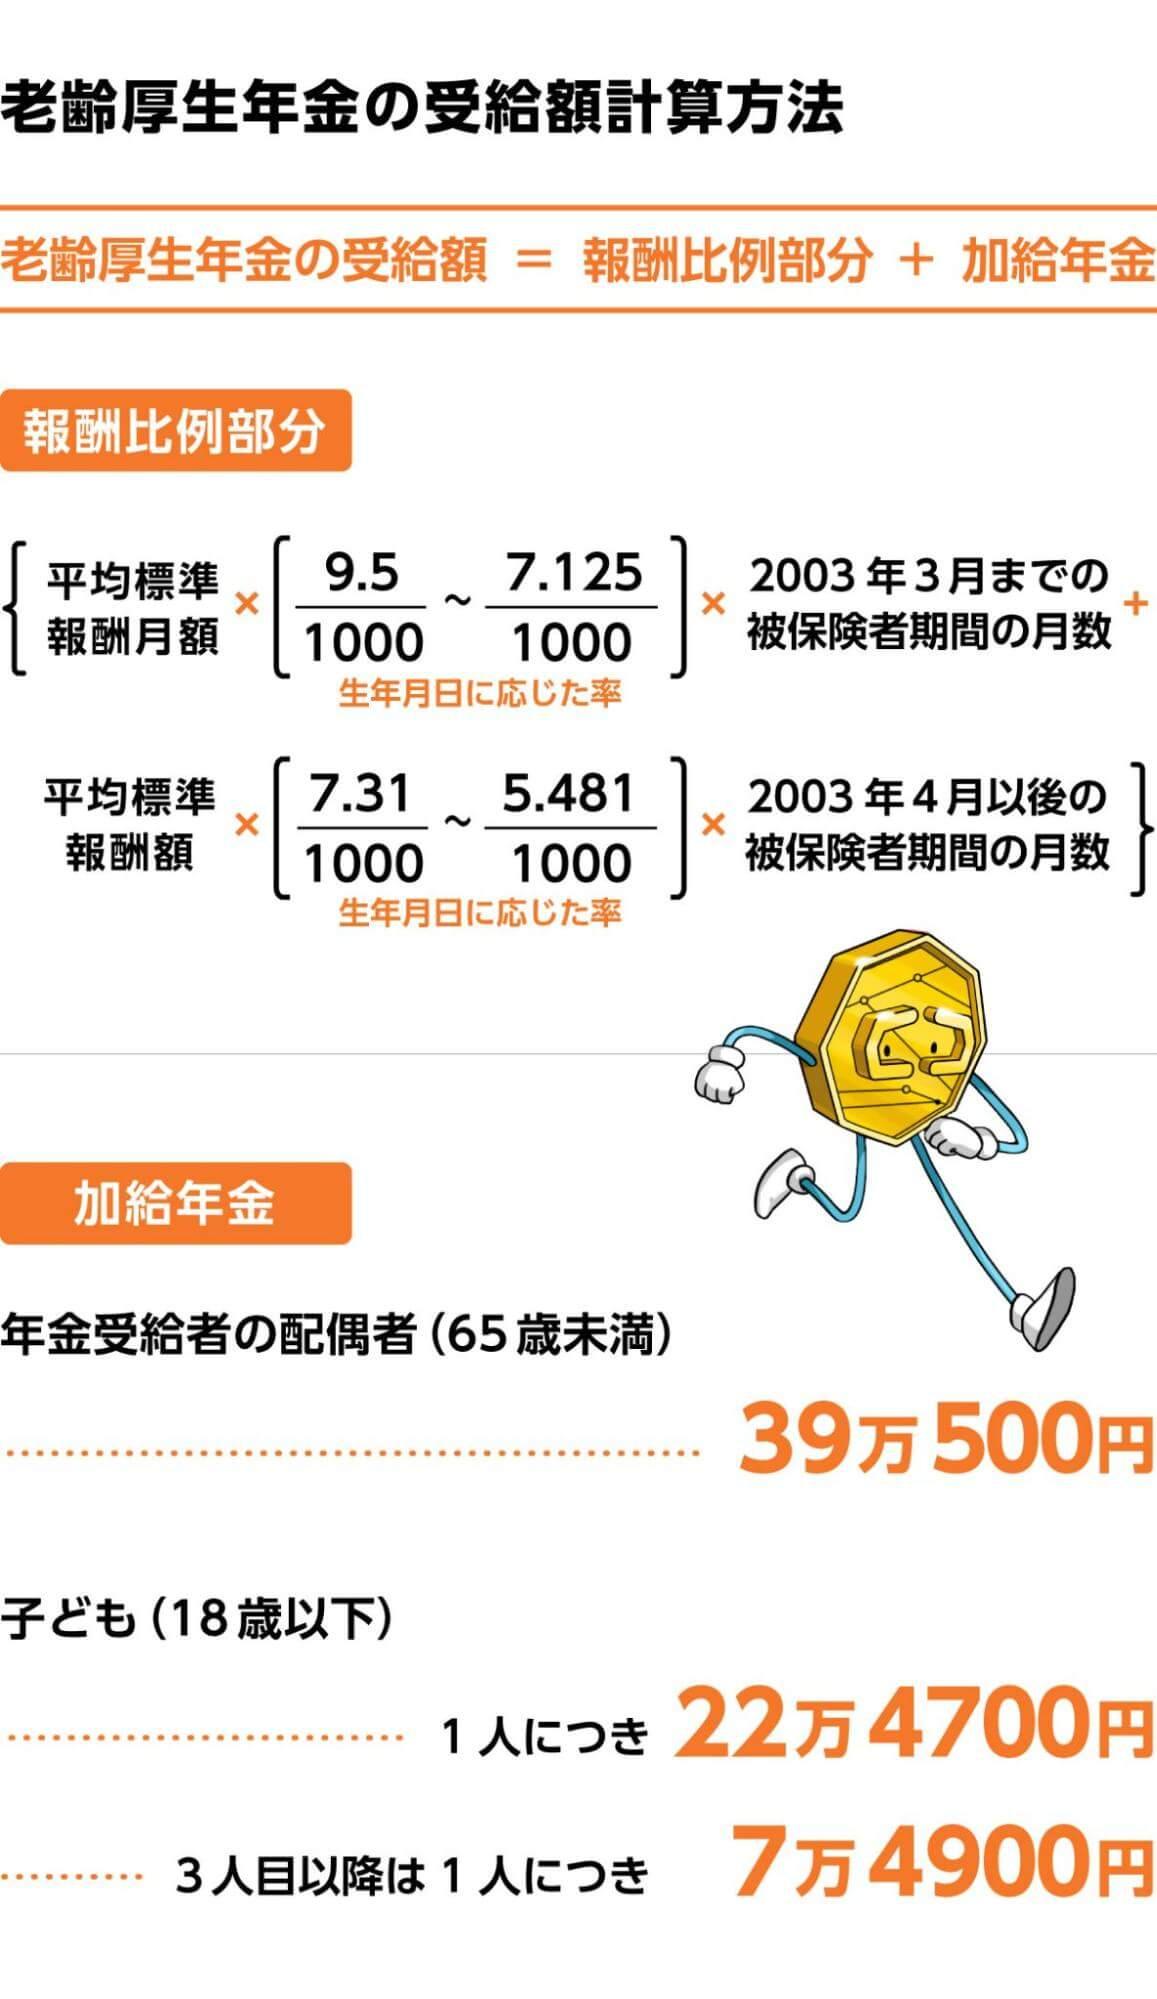 老齢厚生年金の受給額計算方法